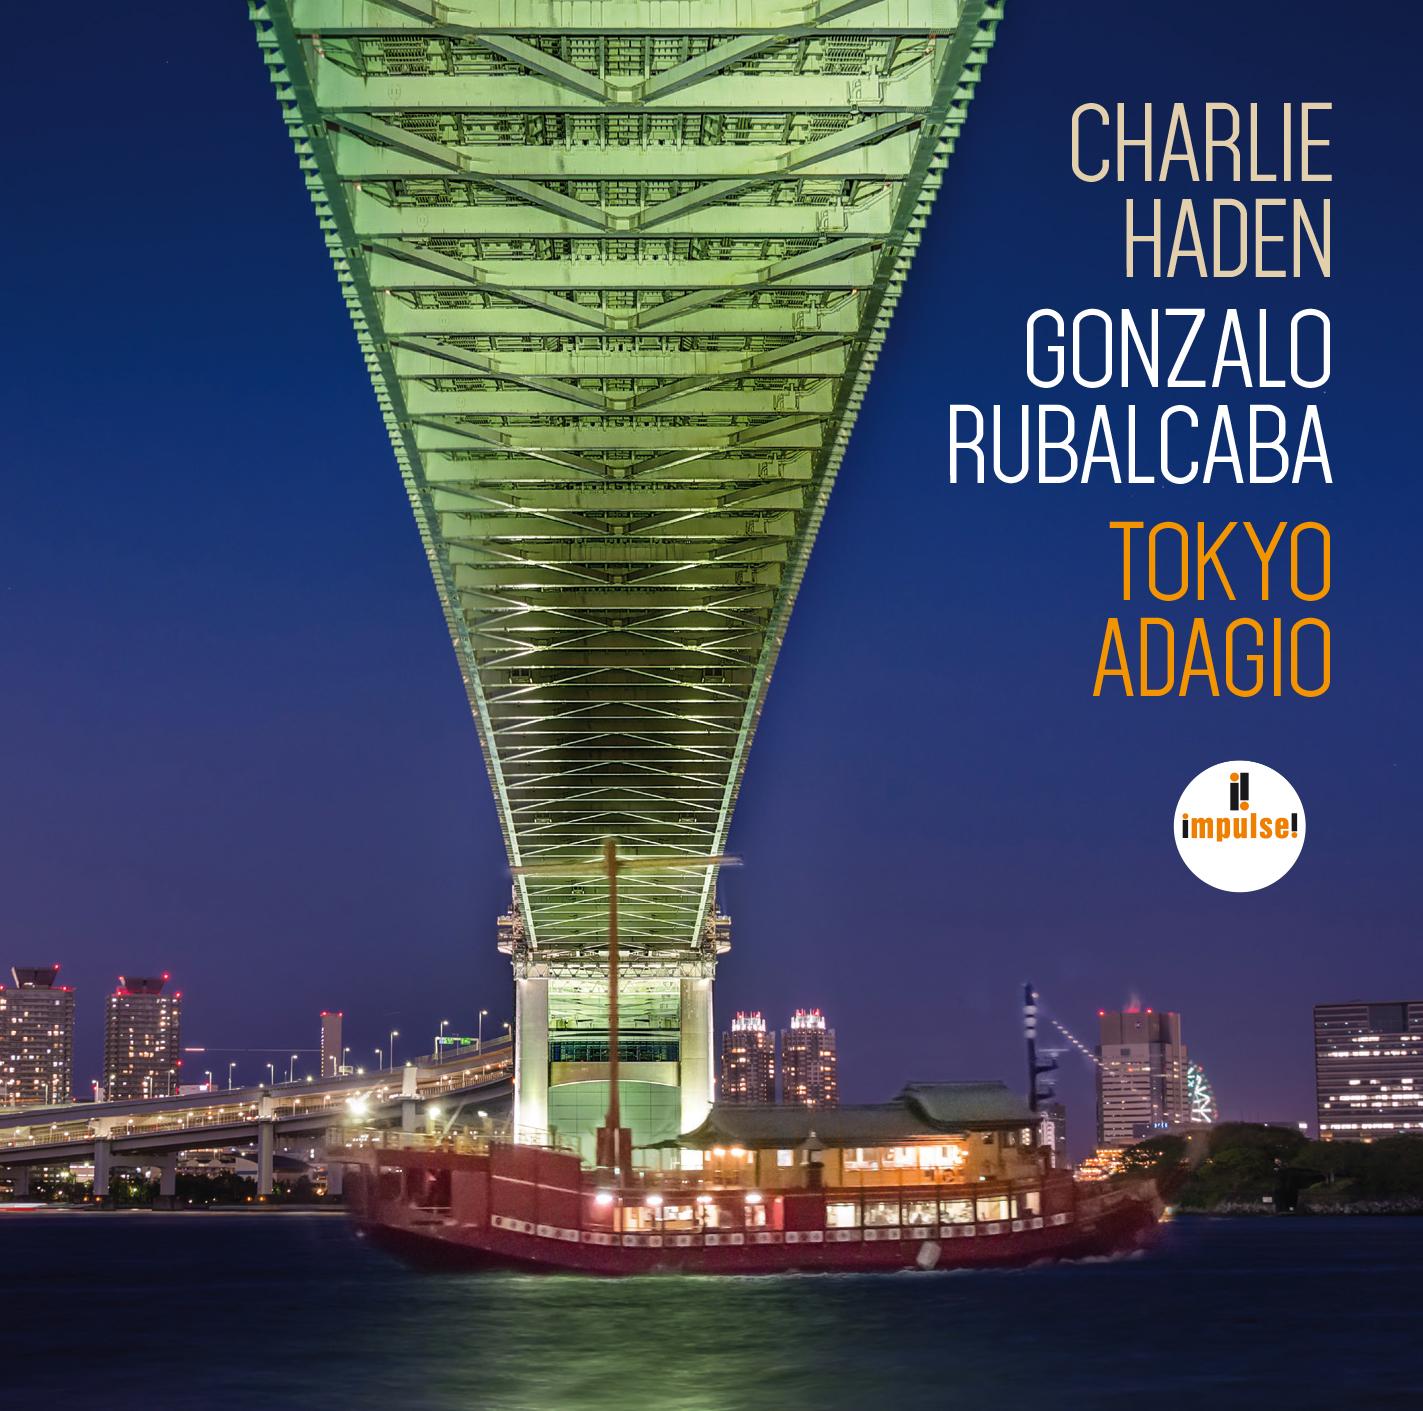 Charlie Haden Gonzalo Rubalcaba</br>Tokyo Adagio</br>Impulse!, 2015